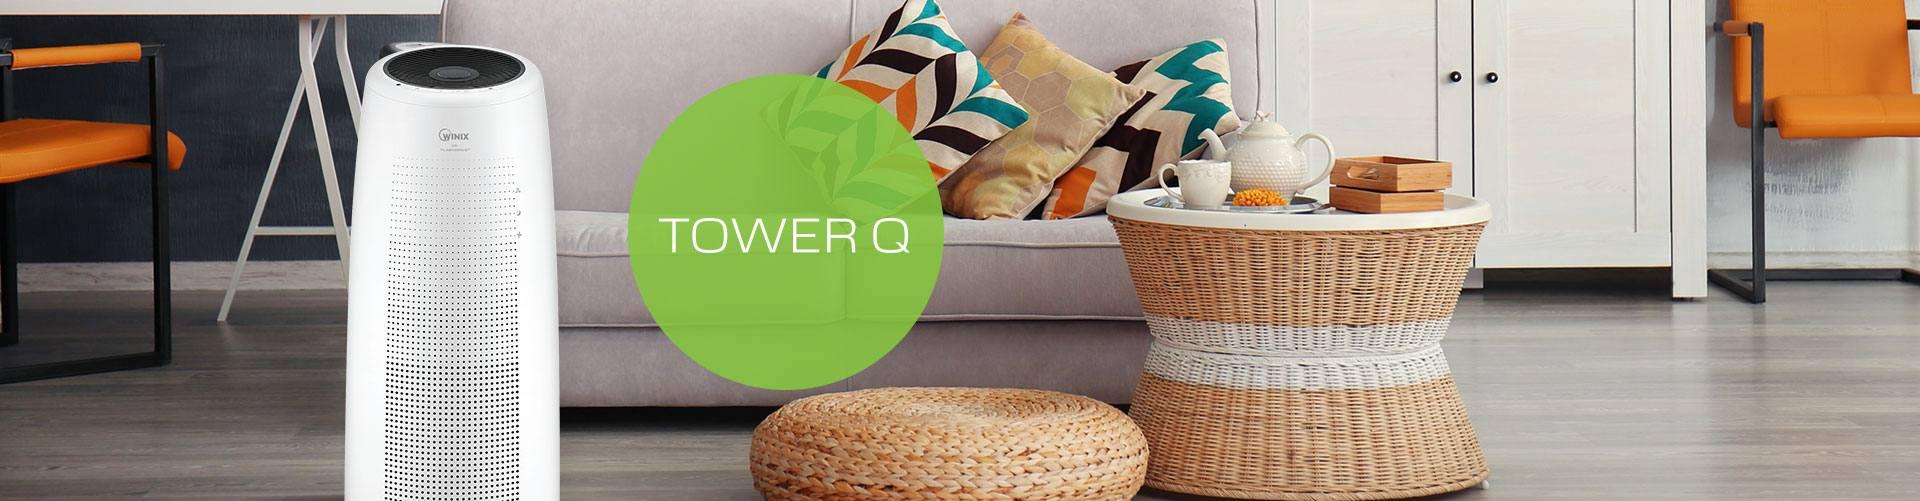 Oczyszczacz powietrza Winix Tower Q